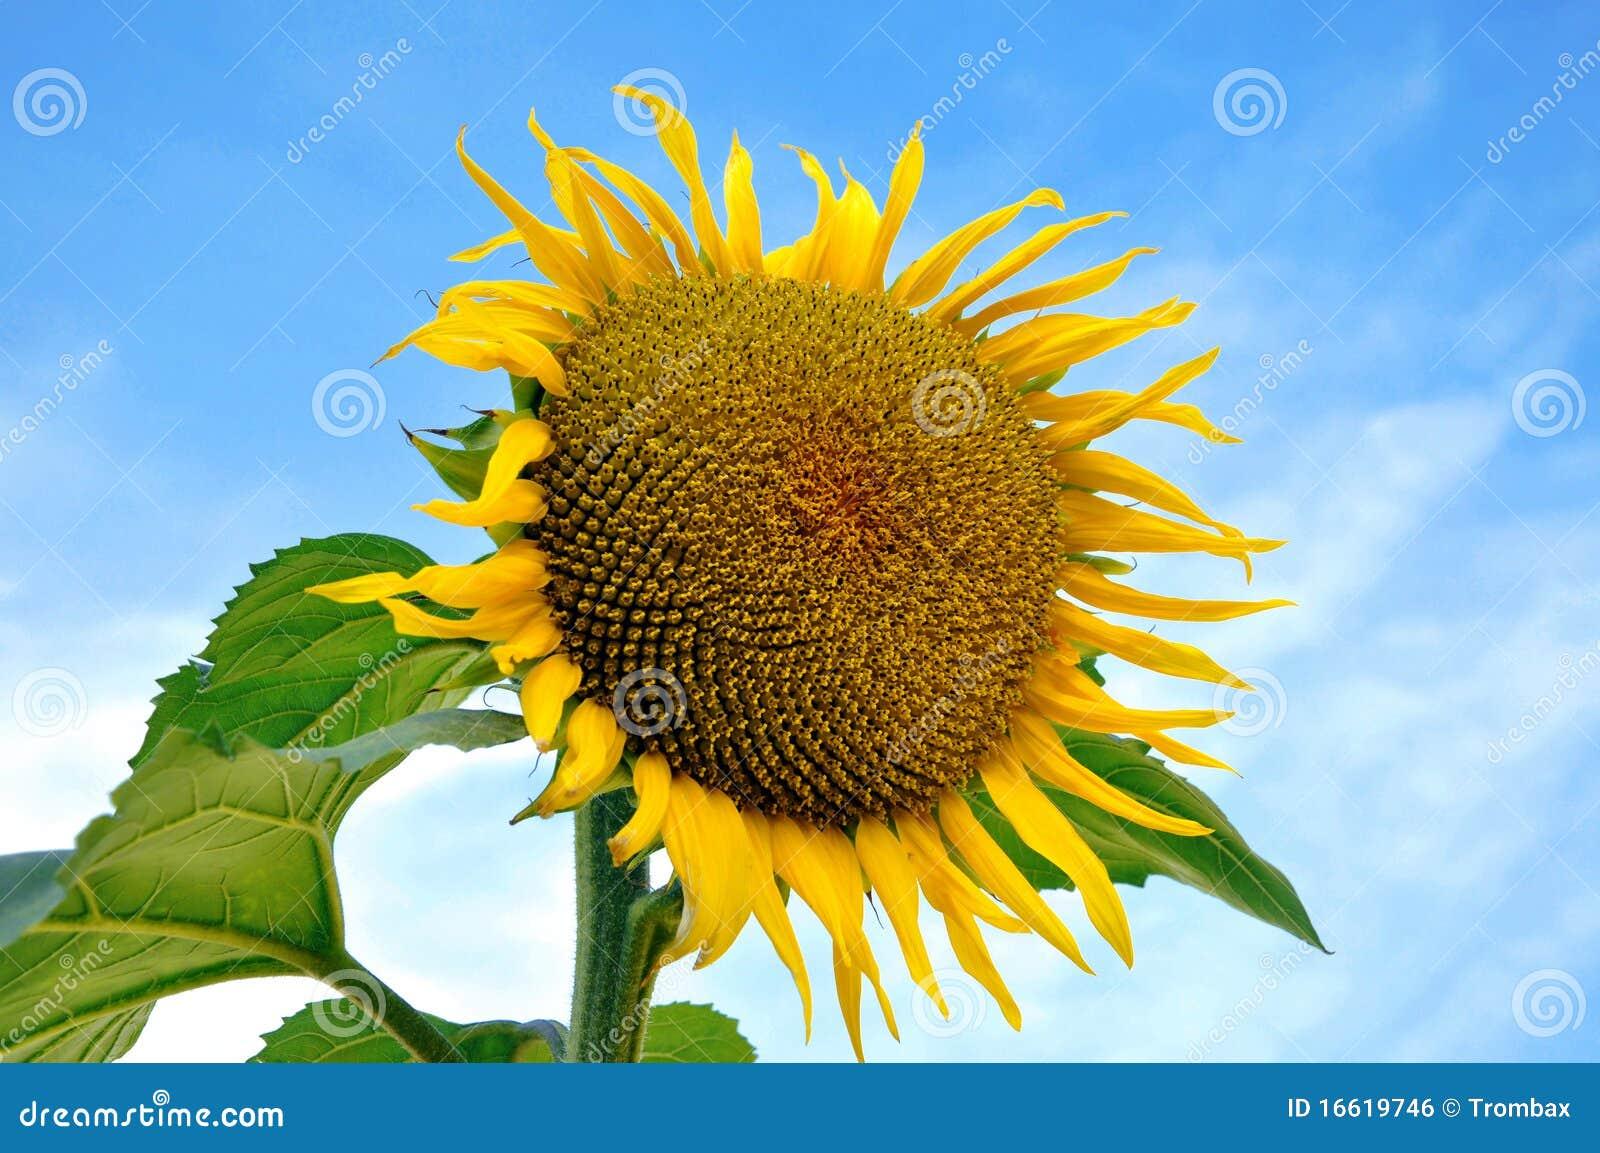 Belle fleur du soleil image libre de droits image 16619746 - Fleur du soleil ...